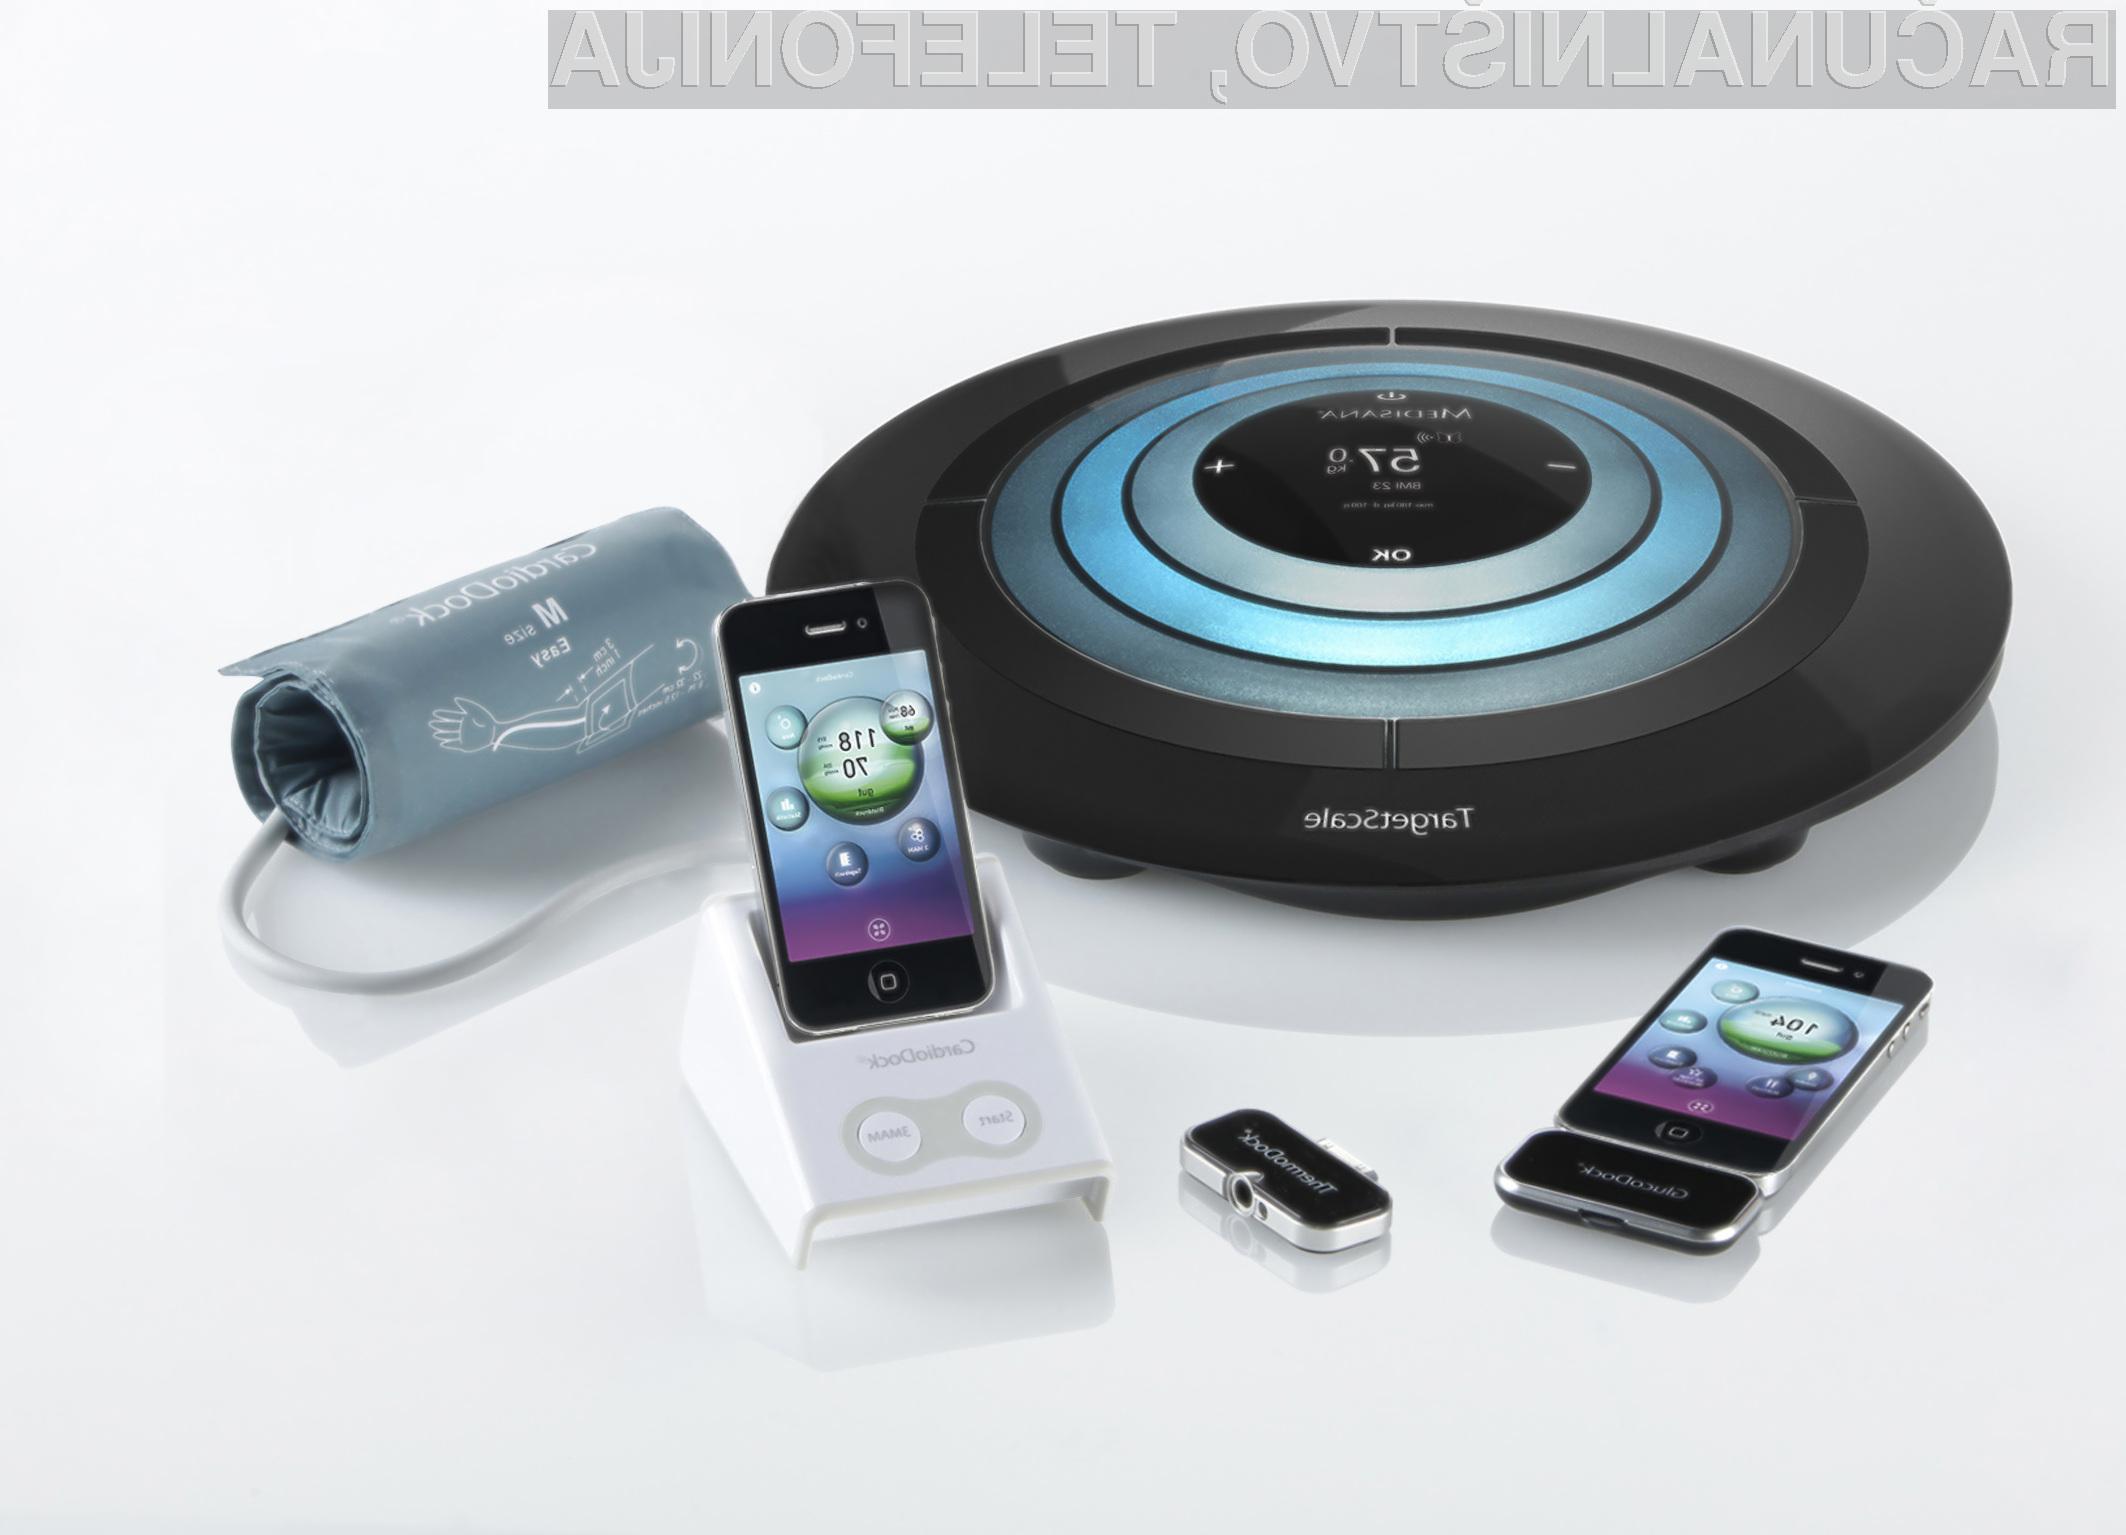 Odslej boste lahko vaše zdravje spremljali kar preko mobilnika iPhone ali tabličnega računalnika iPad.